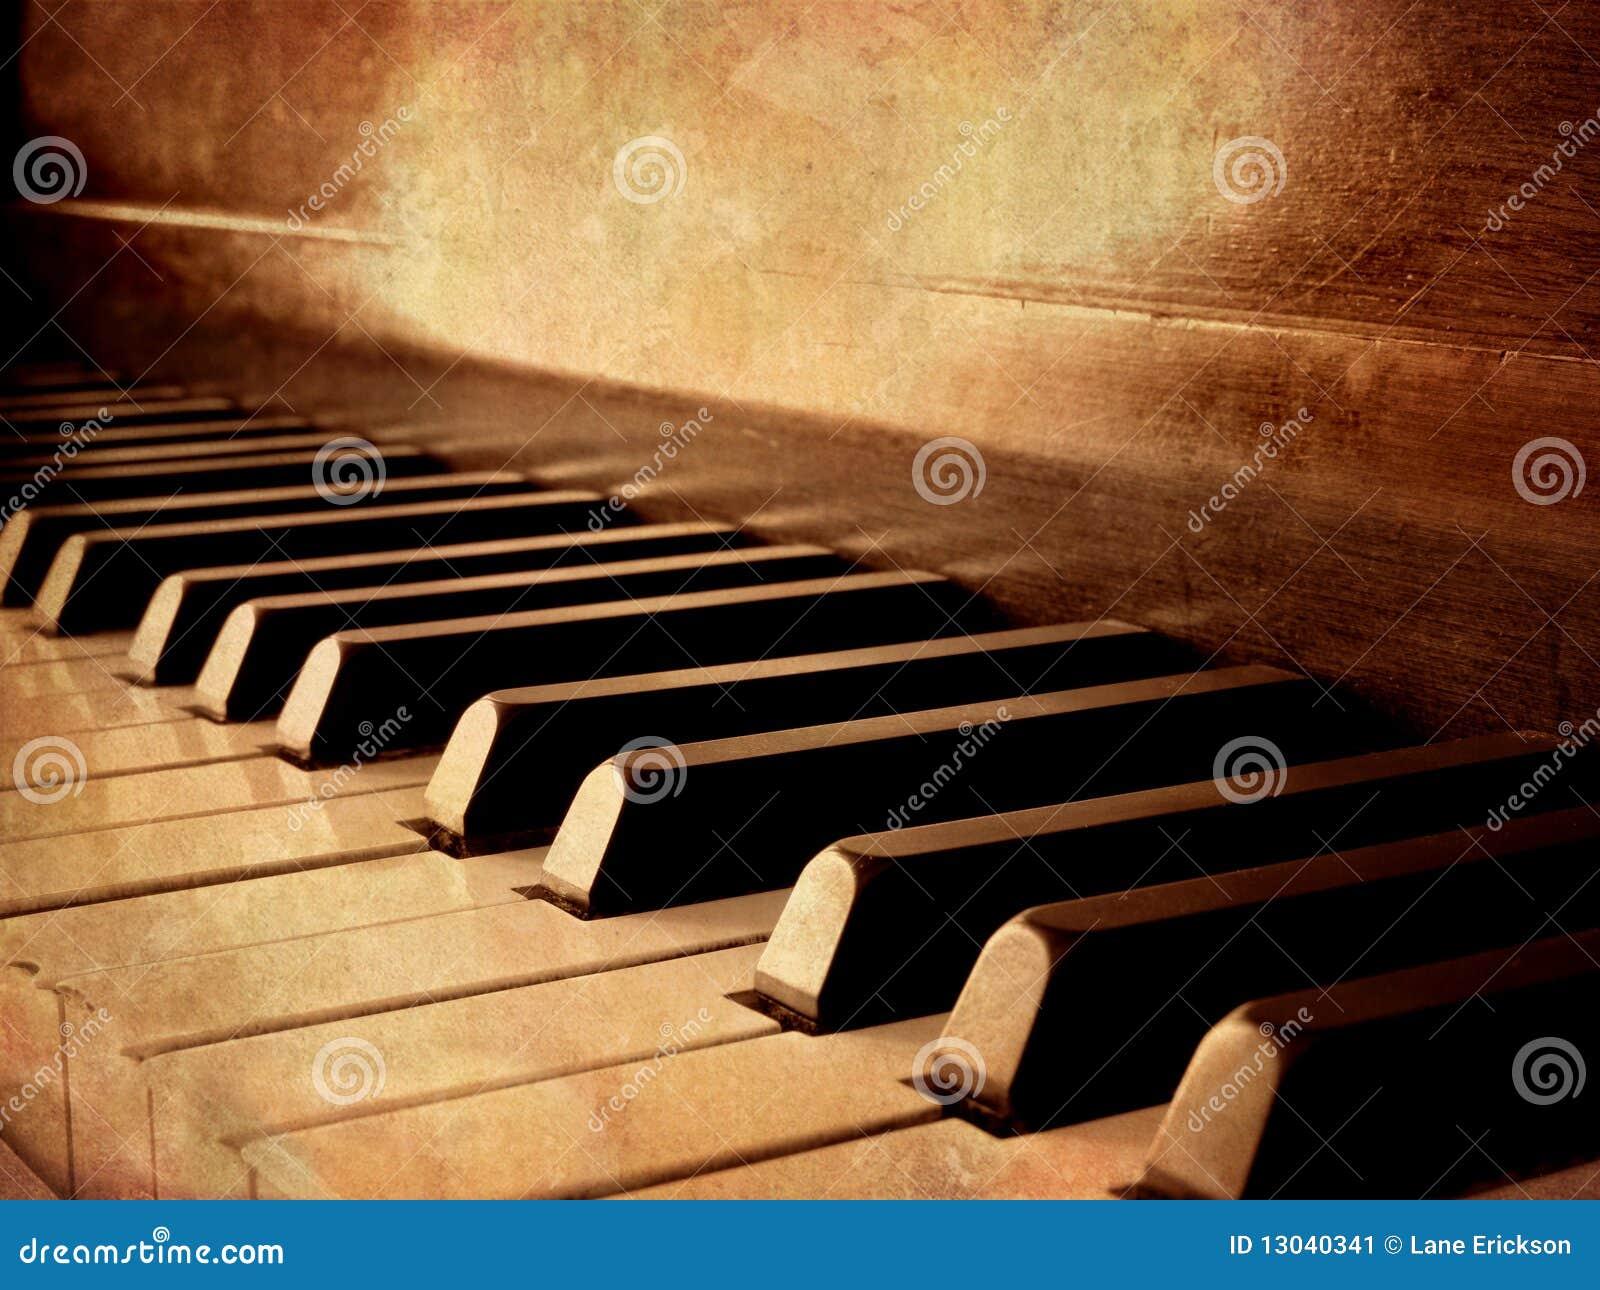 Keys pianosepia